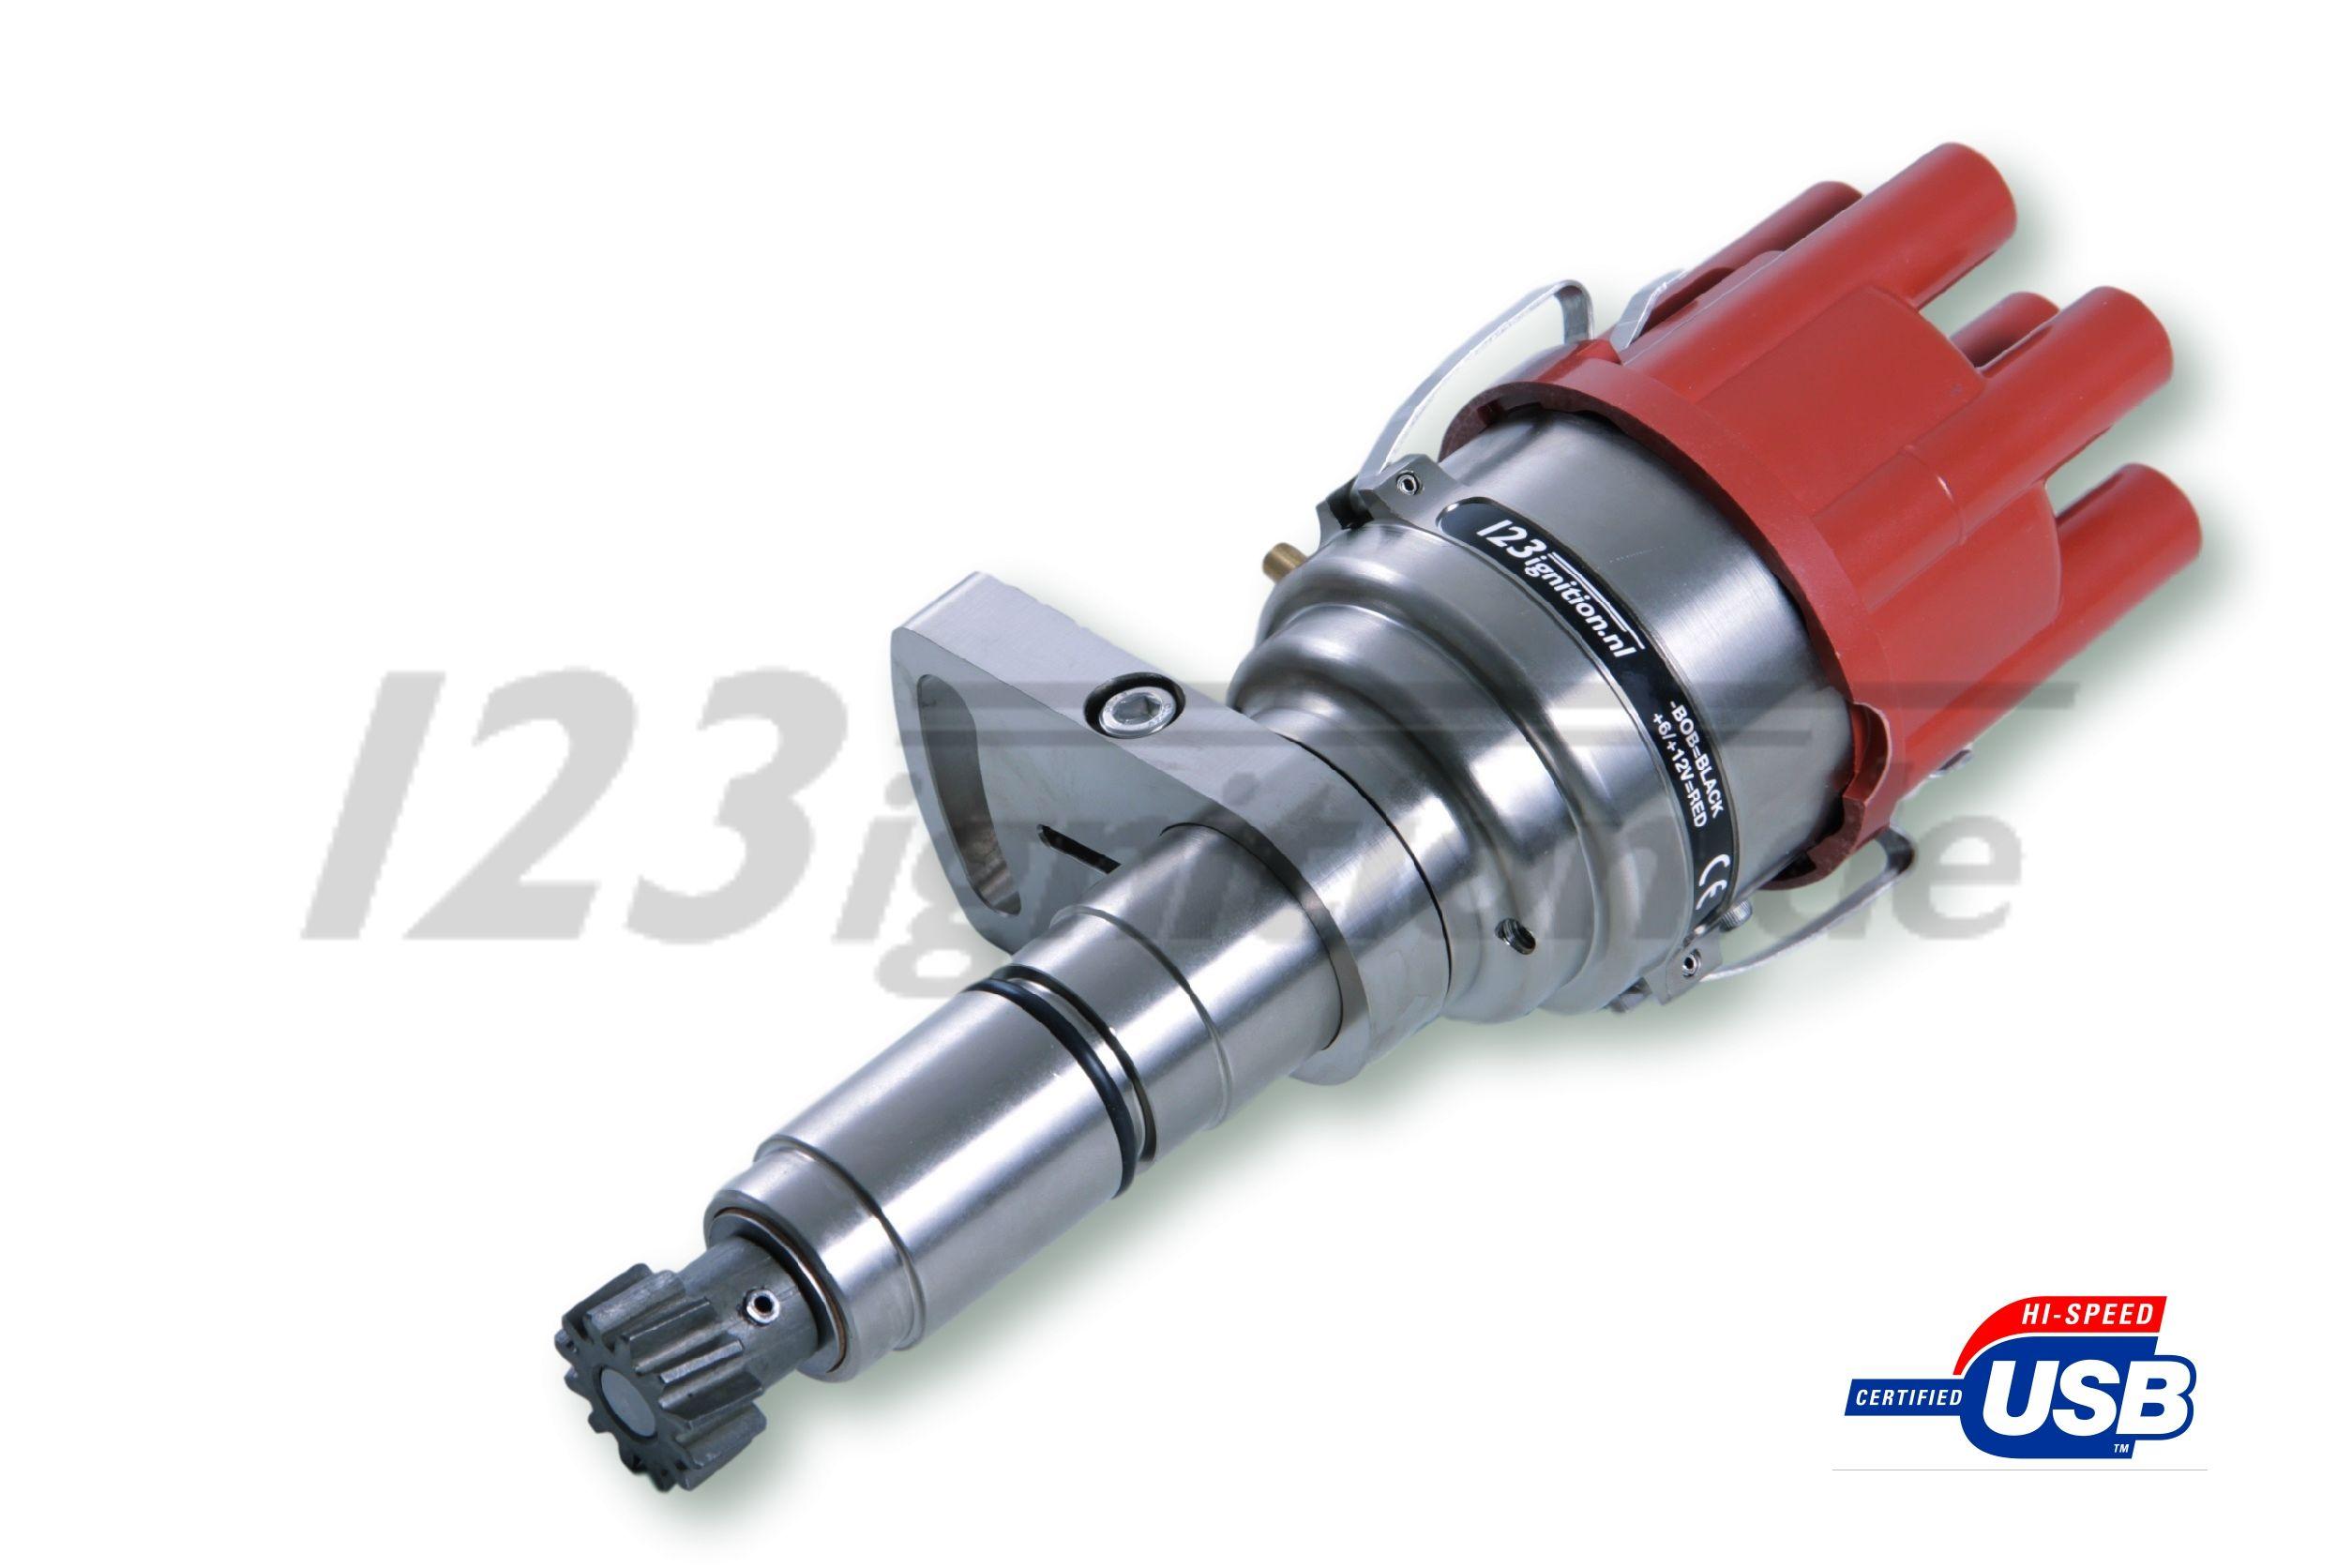 123\TUNE USB ontsteking verdeler voor Porsche 911 2.4 2.7 3.0